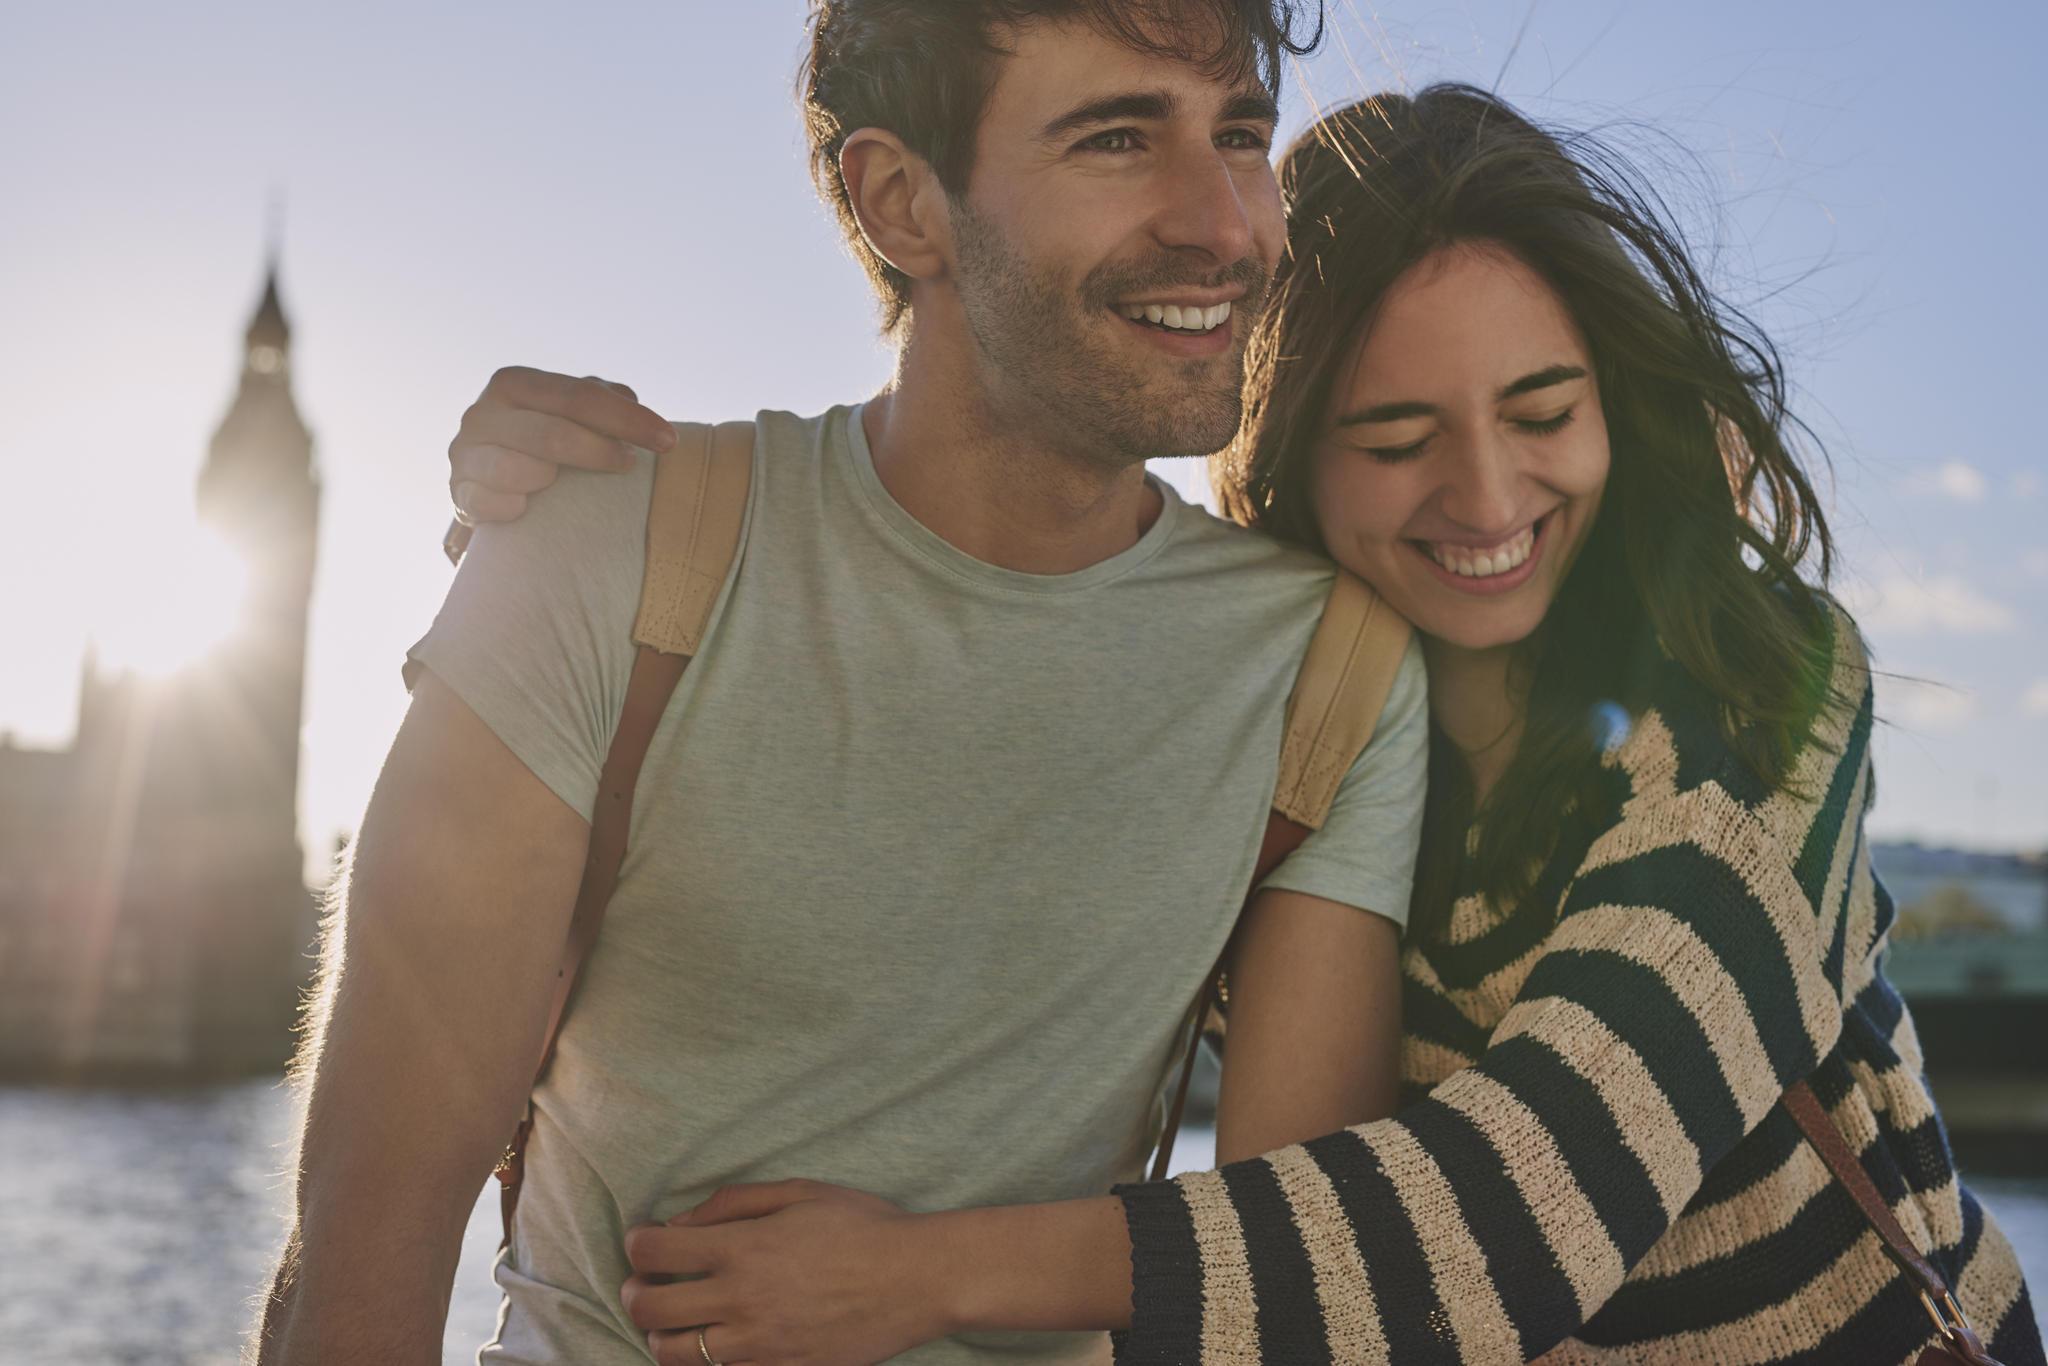 Ist meine Beziehung fit für den Urlaub?